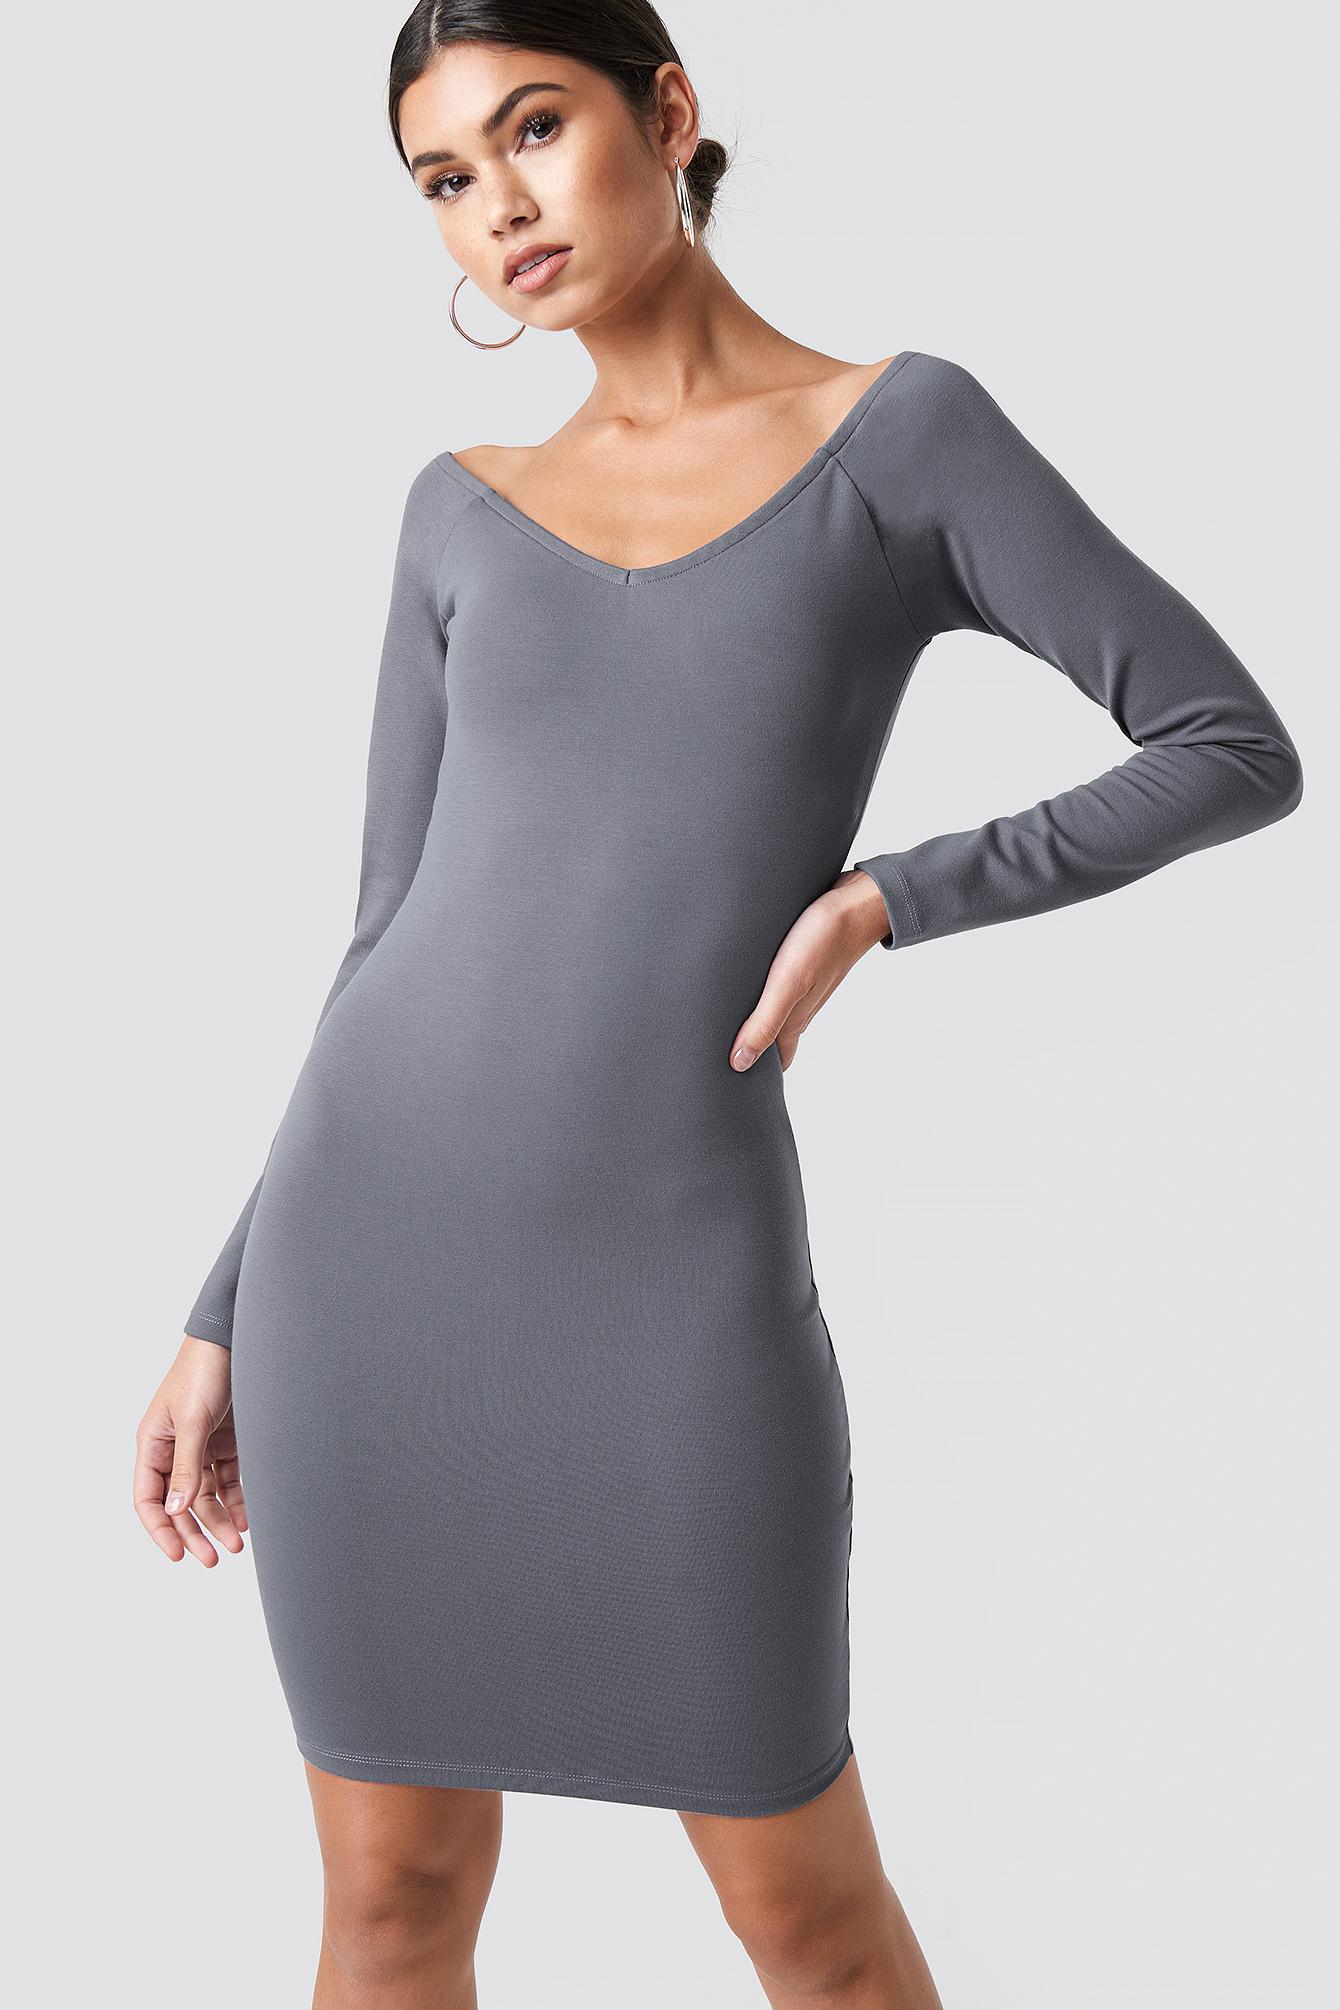 NICKIXNAKD Off Shoulder Fitted Dress - Grey